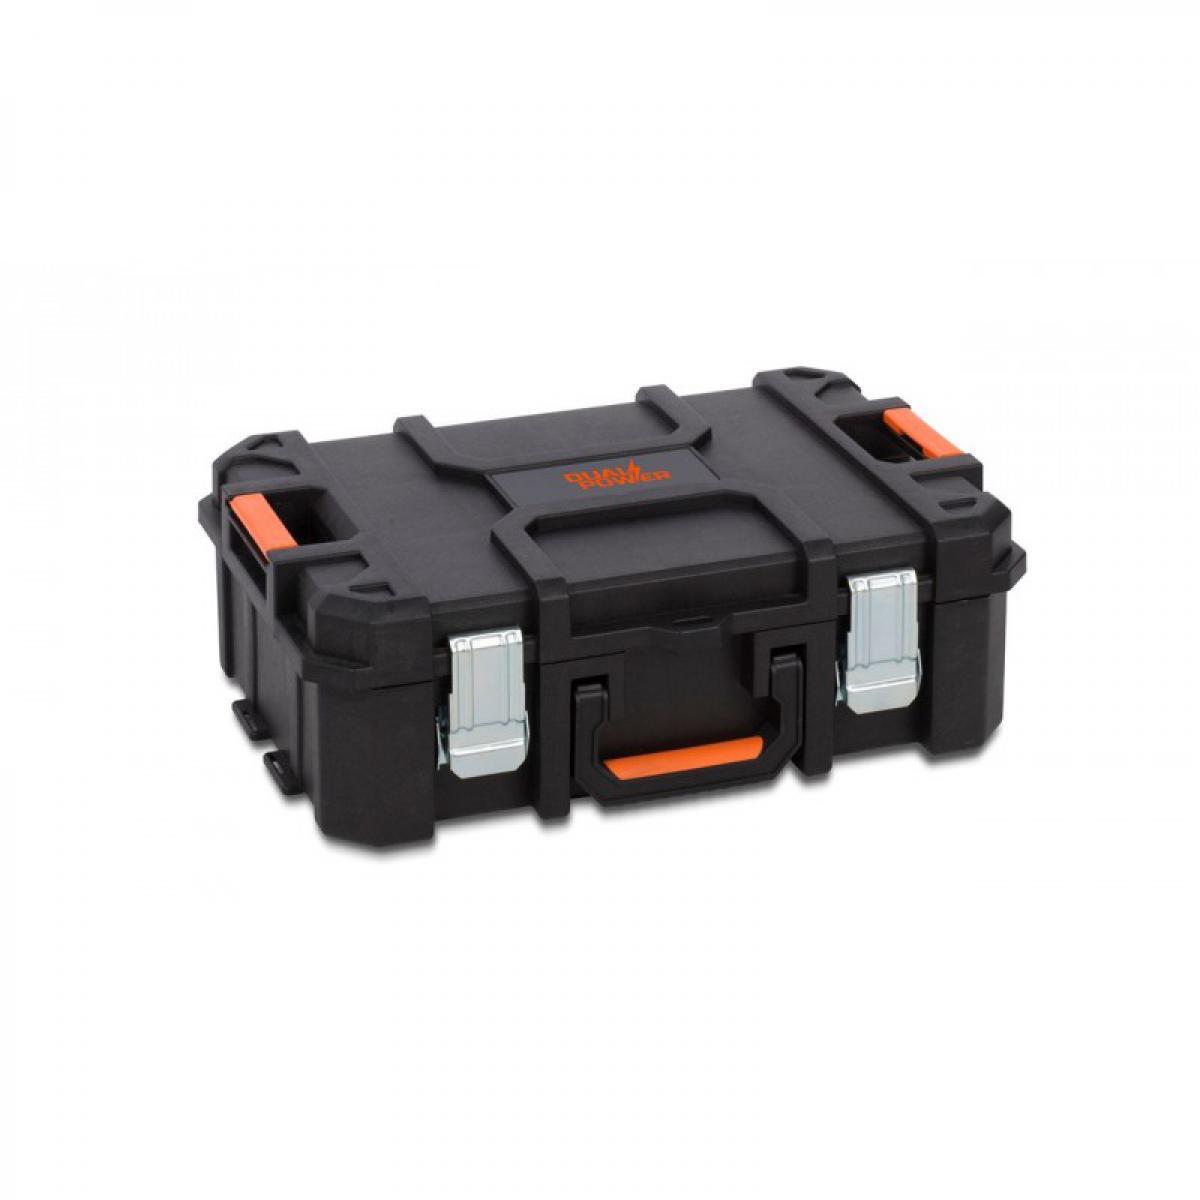 Power Plus Coffre à outil médium